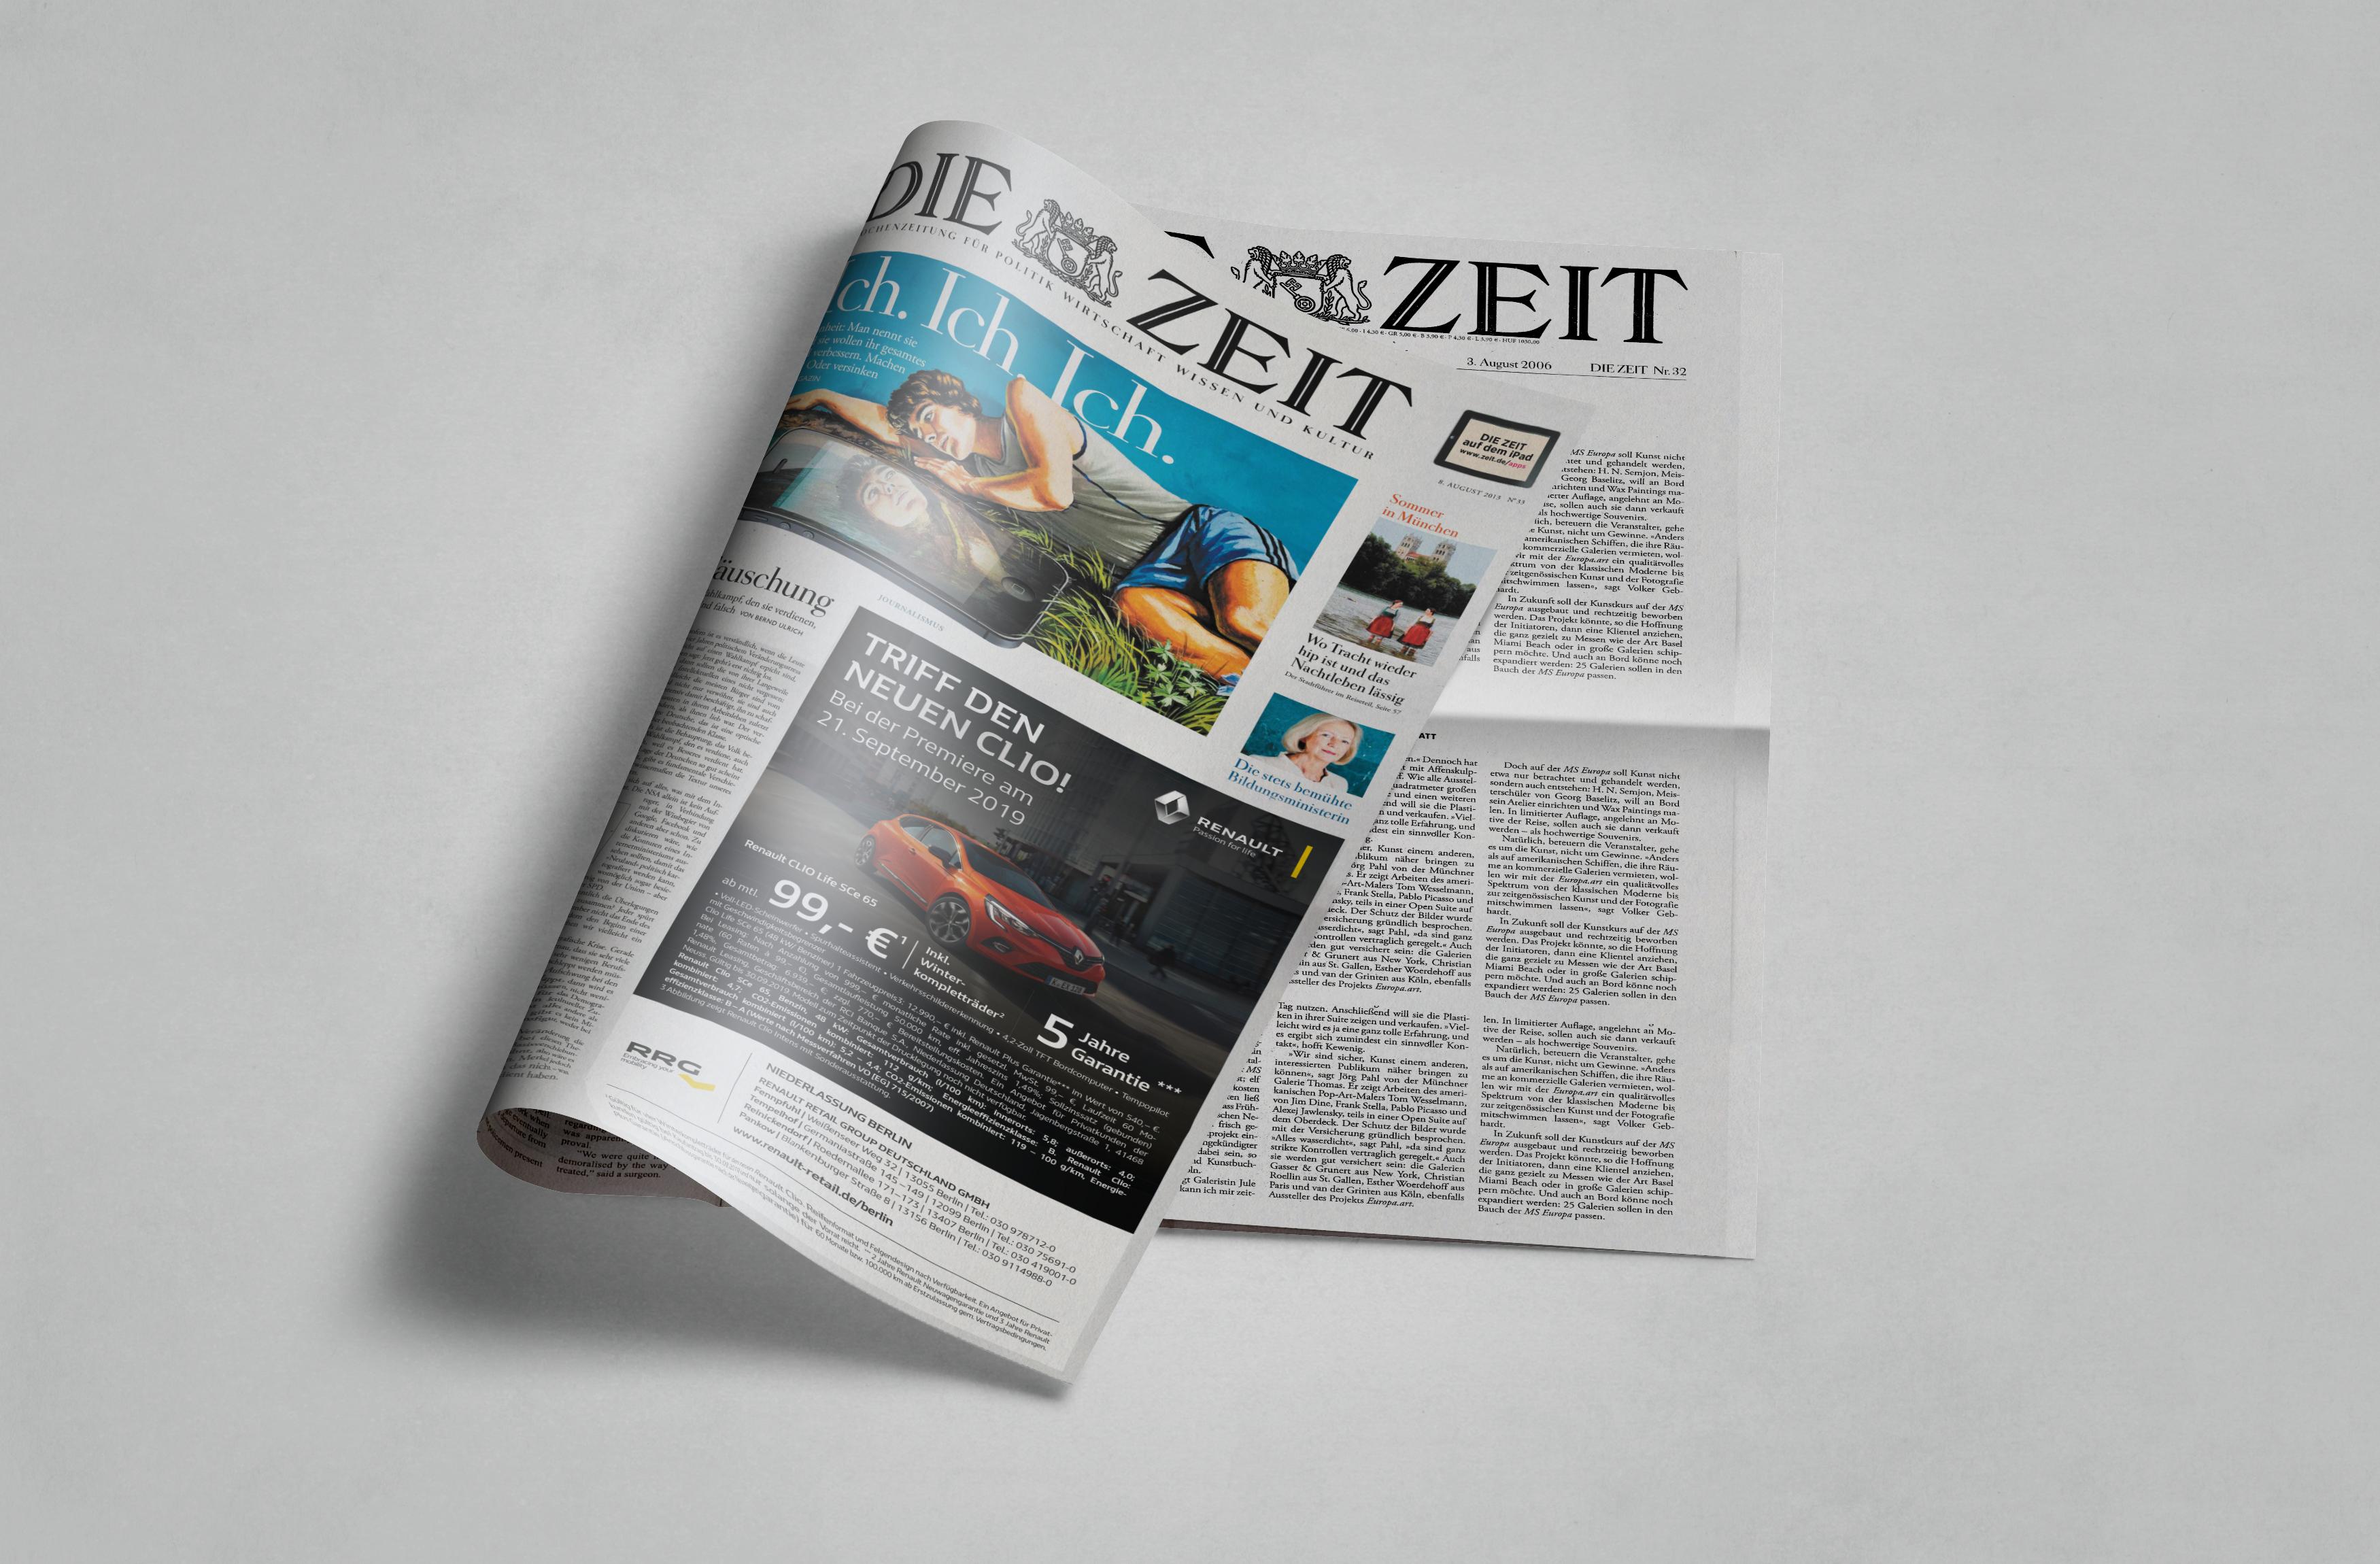 zeitung_anzeige_clio